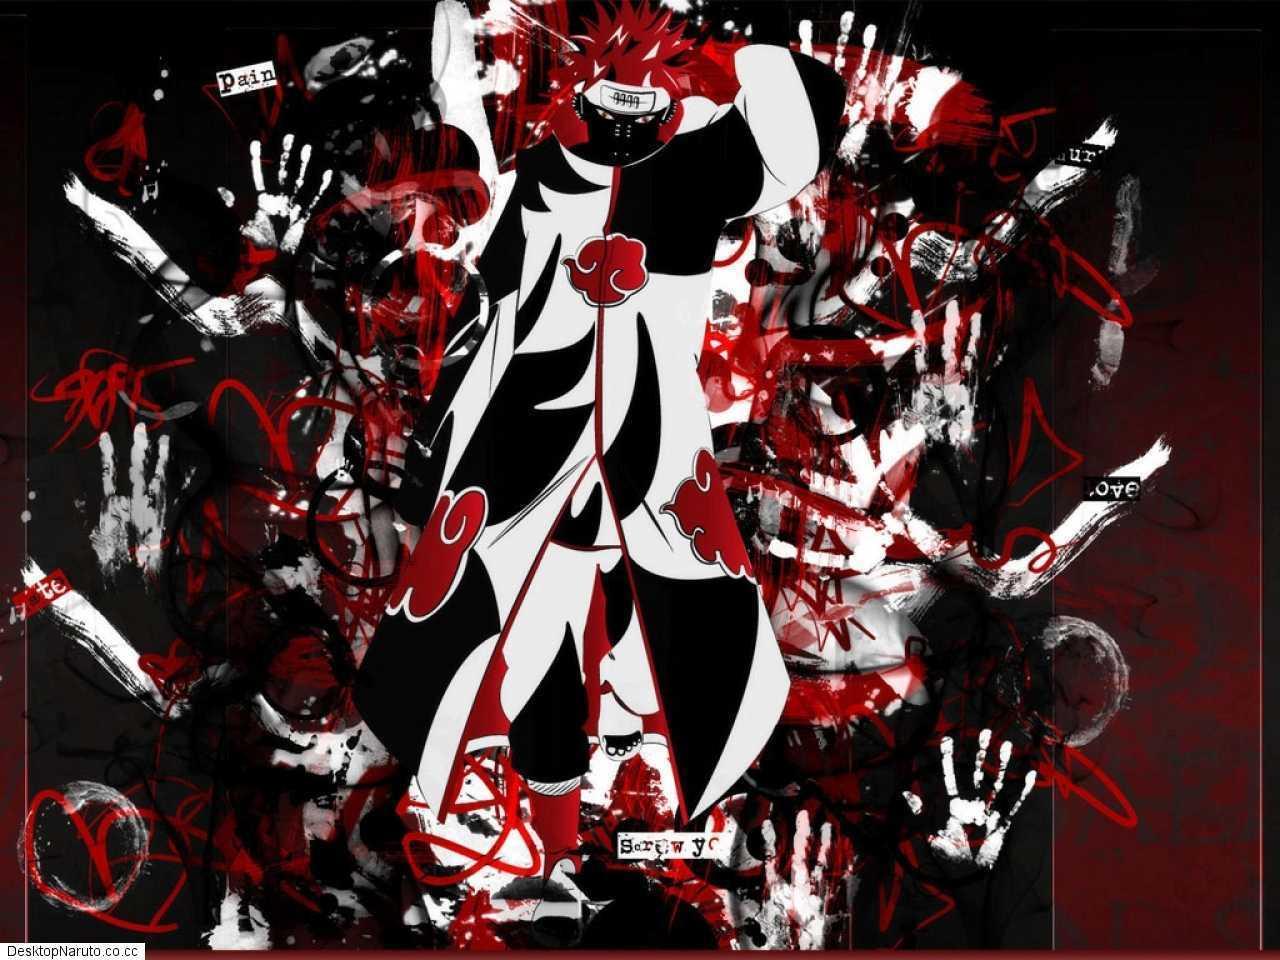 Abstract Pain HD Wallpaper Naruto shippuden